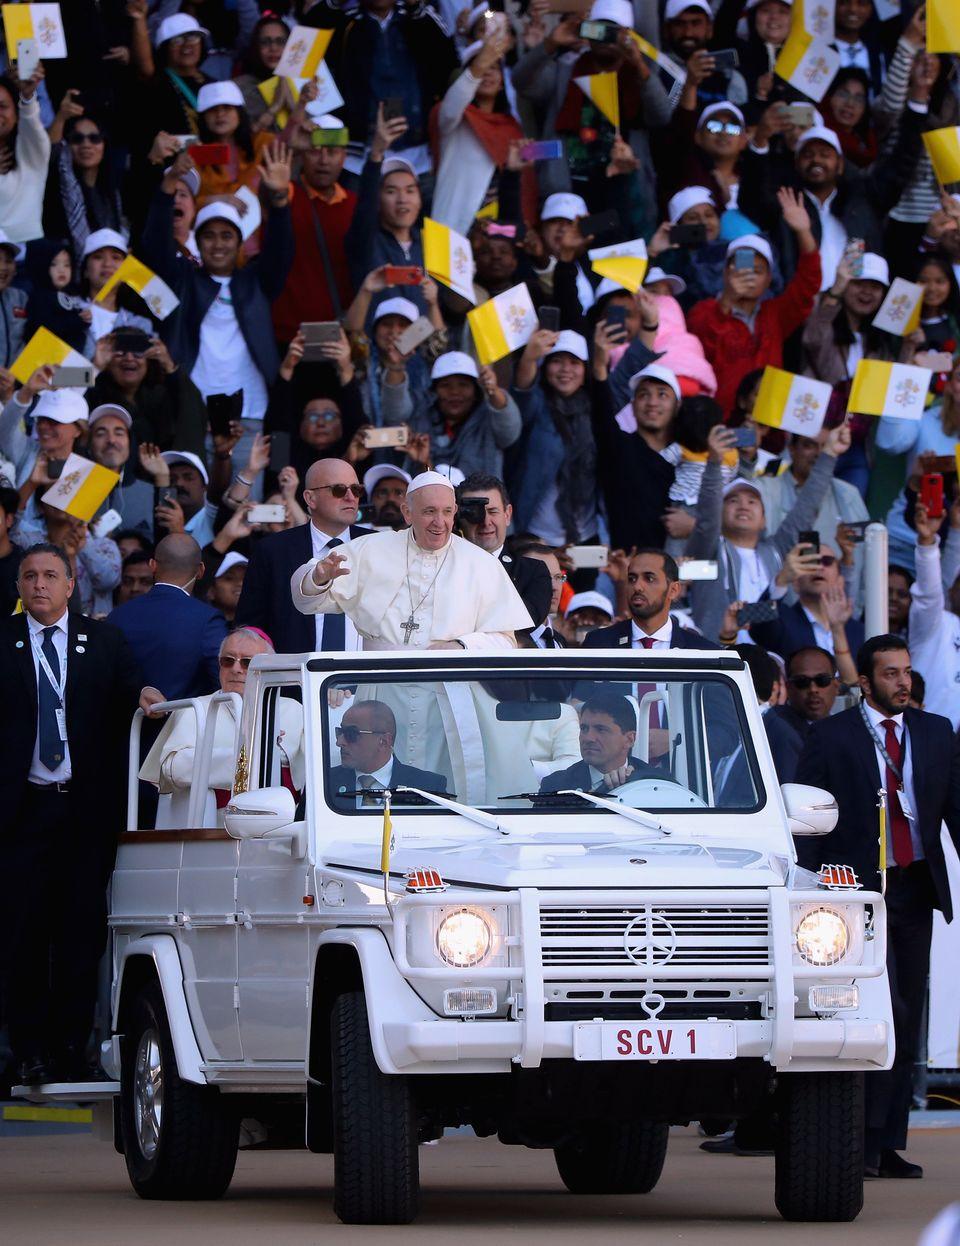 Le pape François termine son voyage aux Emirats arabes unis par une messe géante